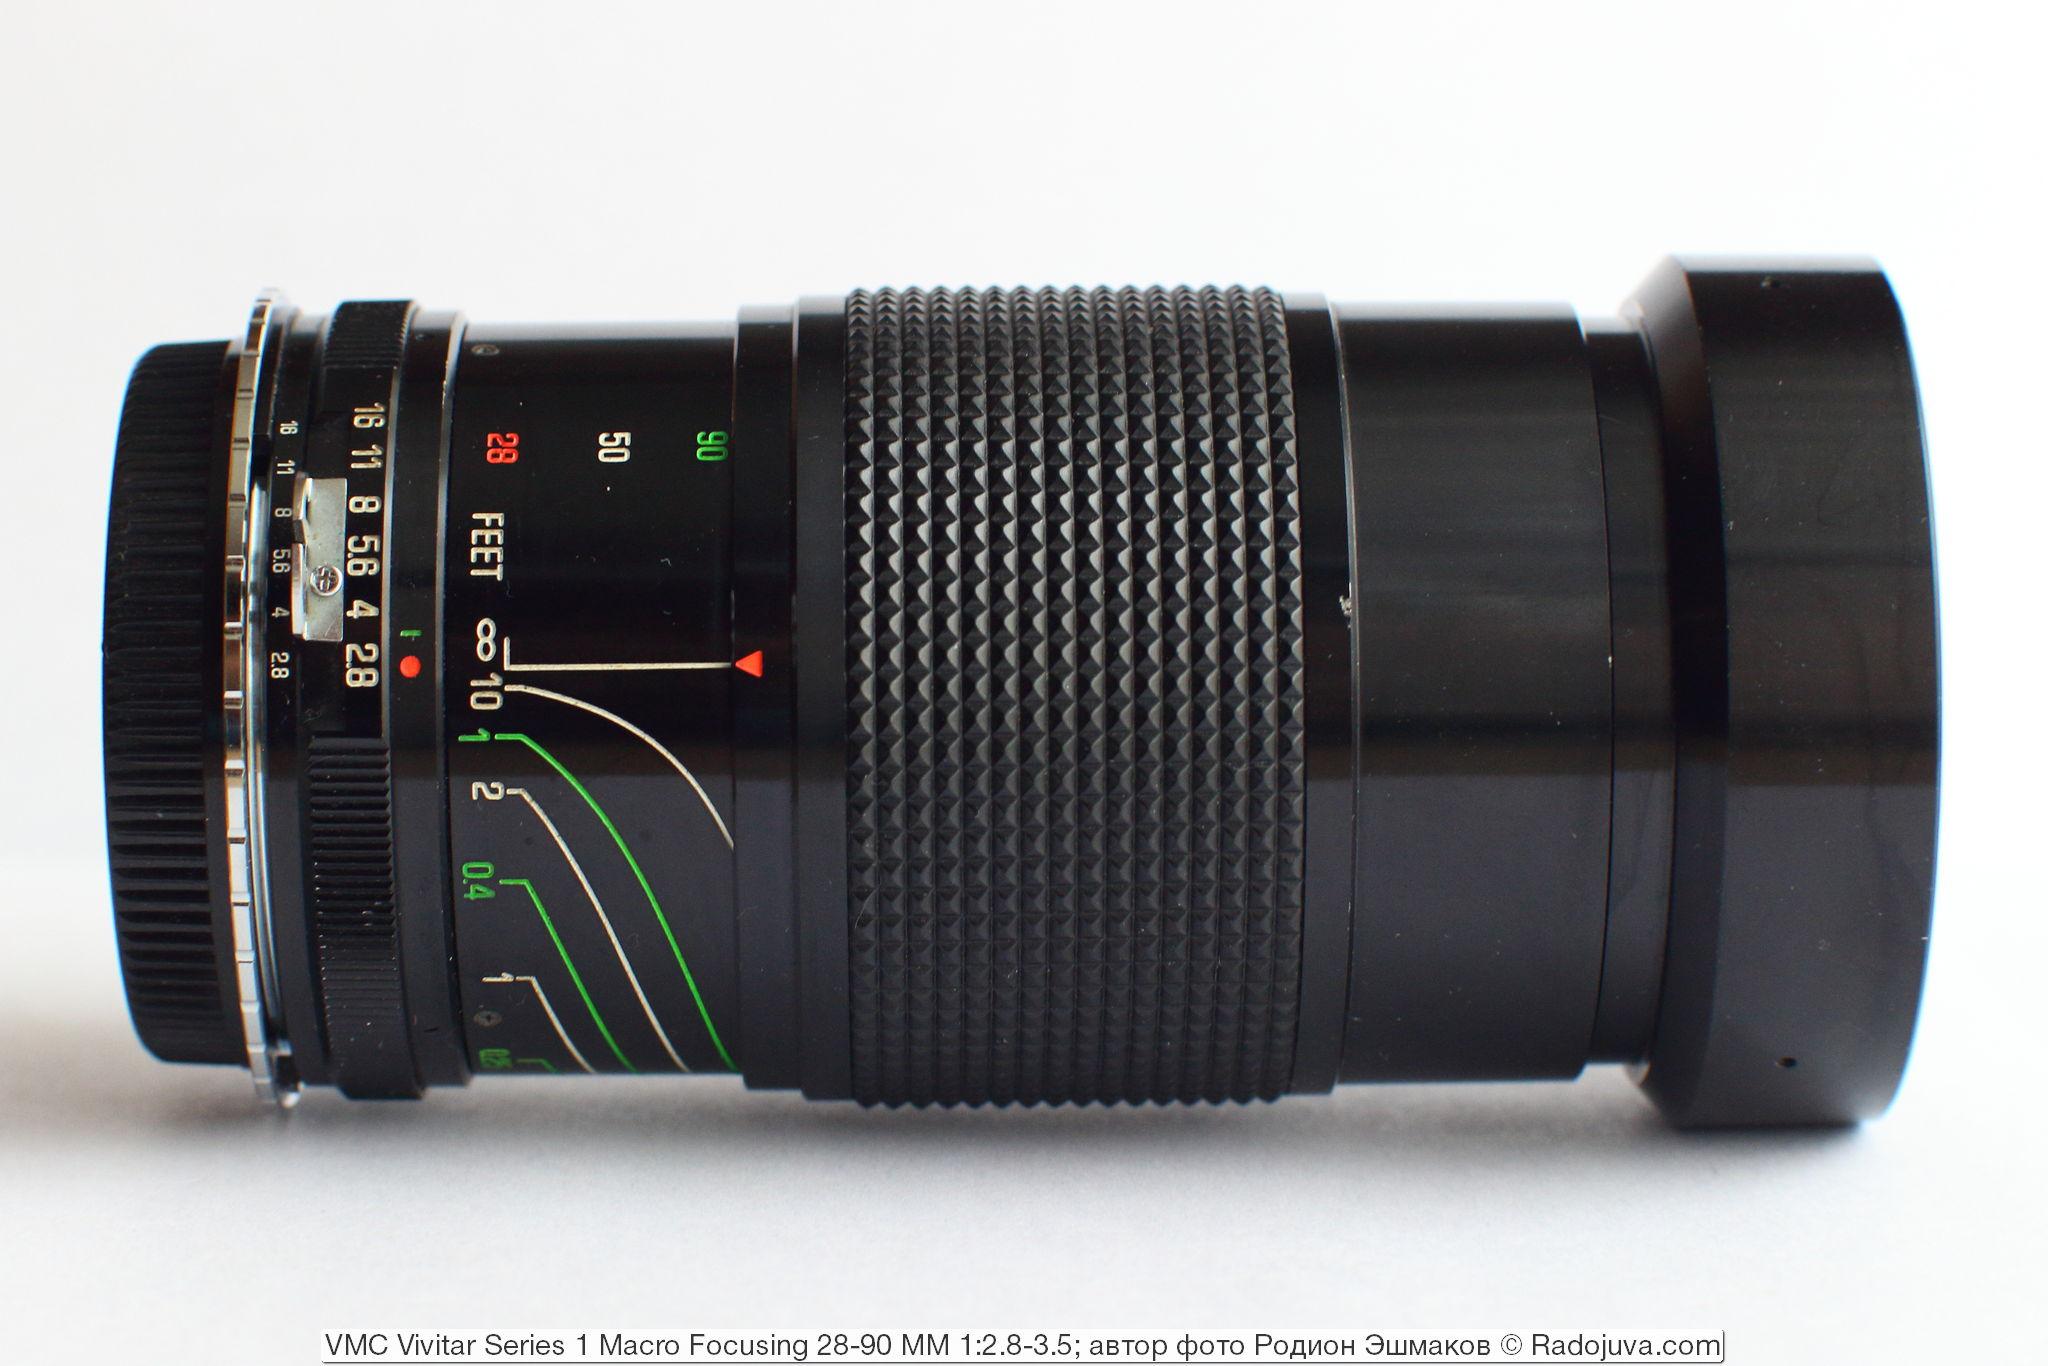 Вид объектива при установленном ФР 90 мм и фокусировке «на бесконечность».